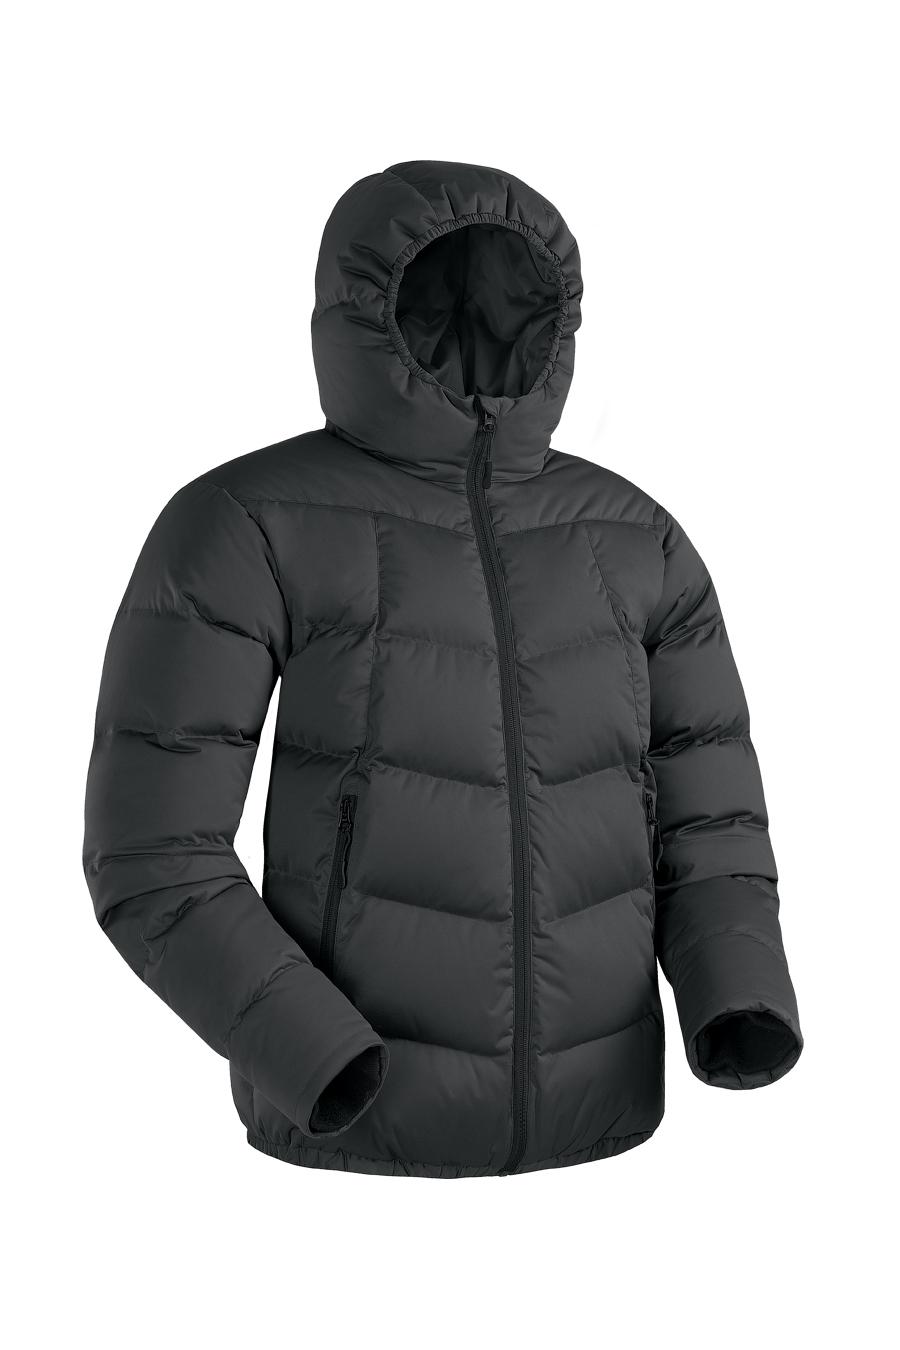 Пуховая куртка BASK BLIZZARD LUXE 5453Куртки<br><br><br>&quot;Дышащие&quot; свойства: Да<br>Верхняя ткань: Advance® Lux<br>Вес граммы: 1000<br>Вес утеплителя: 270<br>Ветро-влагозащитные свойства верхней ткани: Да<br>Ветрозащитная планка: Да<br>Ветрозащитная юбка: Нет<br>Влагозащитные молнии: Нет<br>Внутренние манжеты: Да<br>Внутренняя ткань: Advance® Classic<br>Водонепроницаемость: 10000<br>Дублирующий центральную молнию клапан: Нет<br>Защитный козырёк капюшона: Нет<br>Капюшон: Несъемный<br>Карман для средств связи: Нет<br>Количество внешних карманов: 2<br>Количество внутренних карманов: 2<br>Коллекция: BASK CITY<br>Мембрана: Да<br>Объемный крой локтевой зоны: Нет<br>Отстёгивающиеся рукава: Нет<br>Паропроницаемость: 20000<br>Показатель Fill Power (для пуховых изделий): 700<br>Пол: Мужской<br>Проклейка швов: Нет<br>Регулировка манжетов рукавов: Нет<br>Регулировка низа: Нет<br>Регулировка объёма капюшона: Нет<br>Регулировка талии: Нет<br>Регулируемые вентиляционные отверстия: Нет<br>Световозвращающая лента: Нет<br>Температурный режим: -15<br>Технология Thermal Welding: Нет<br>Технология швов: Простые<br>Тип молнии: Однозамковая<br>Тип утеплителя: Натуральный<br>Ткань усиления: Нет<br>Усиление контактных зон: Нет<br>Утеплитель: Гусиный пух<br>Размер RU: 50<br>Цвет: КРАСНЫЙ